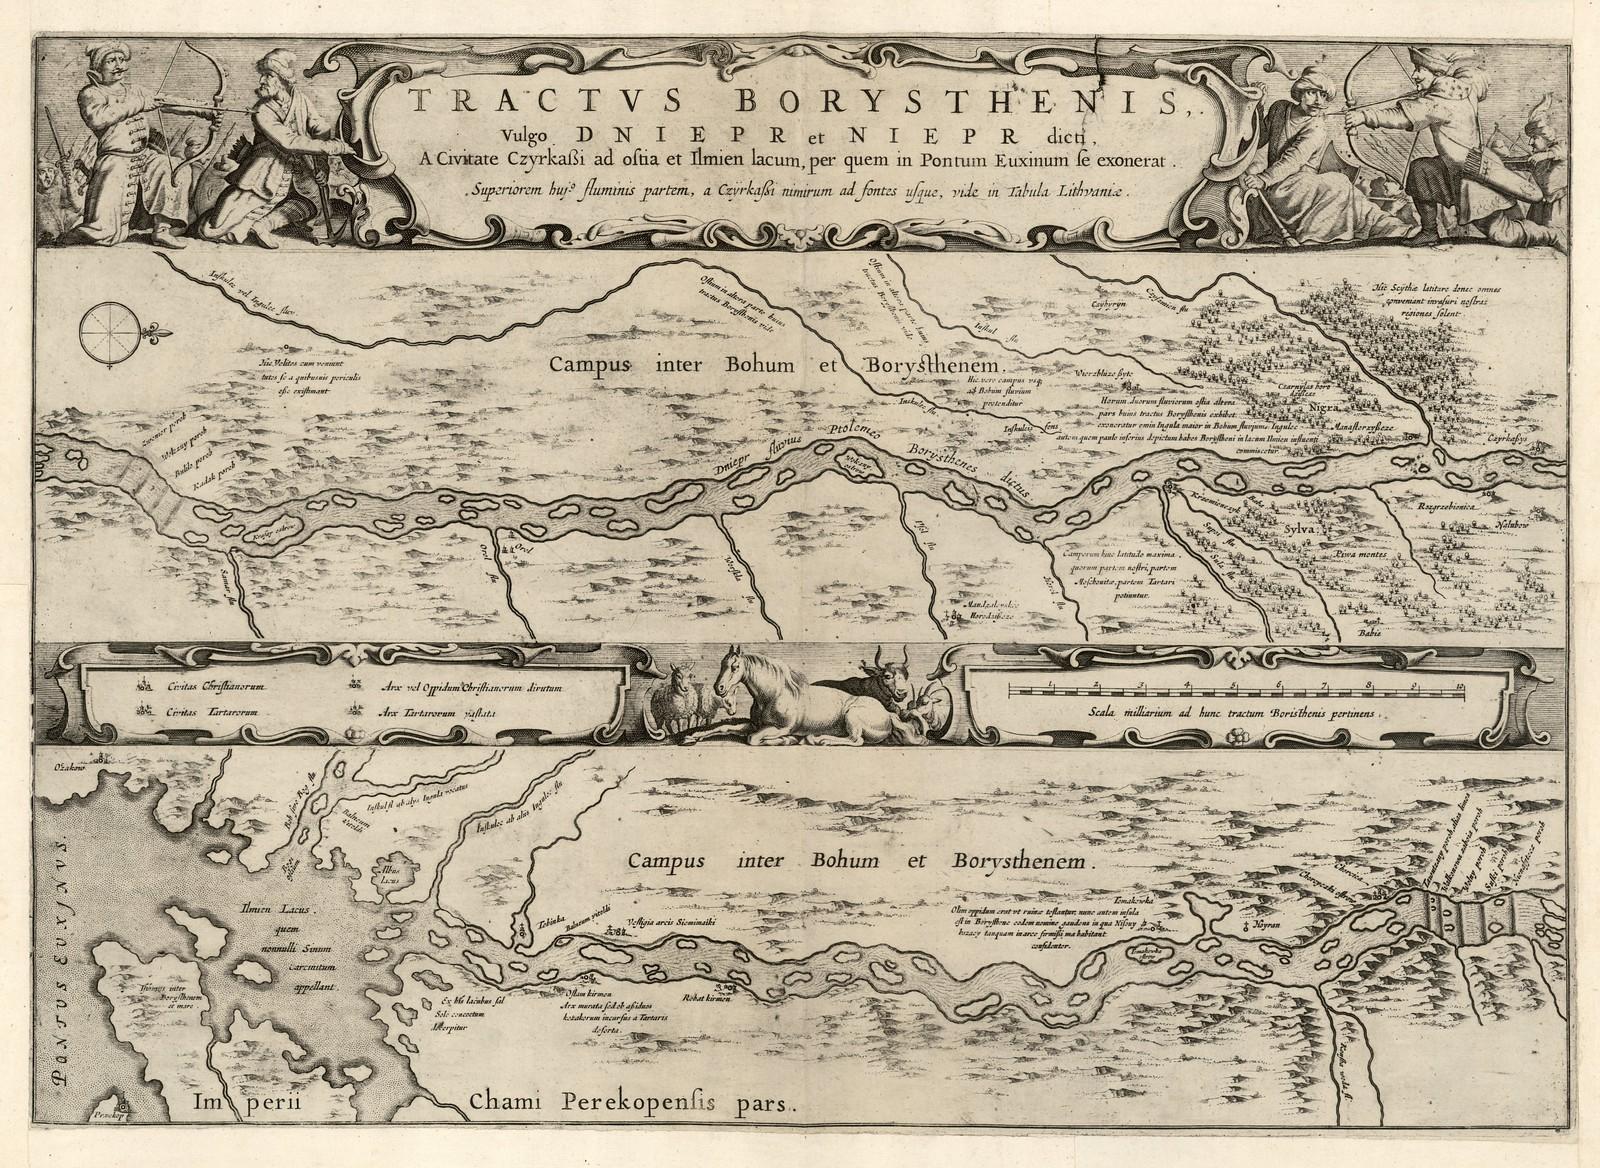 1650-1700. Течение Борисфена, обычно Днепр и Непр, от города Черкассы к озеру Ильмень, до Черного моря